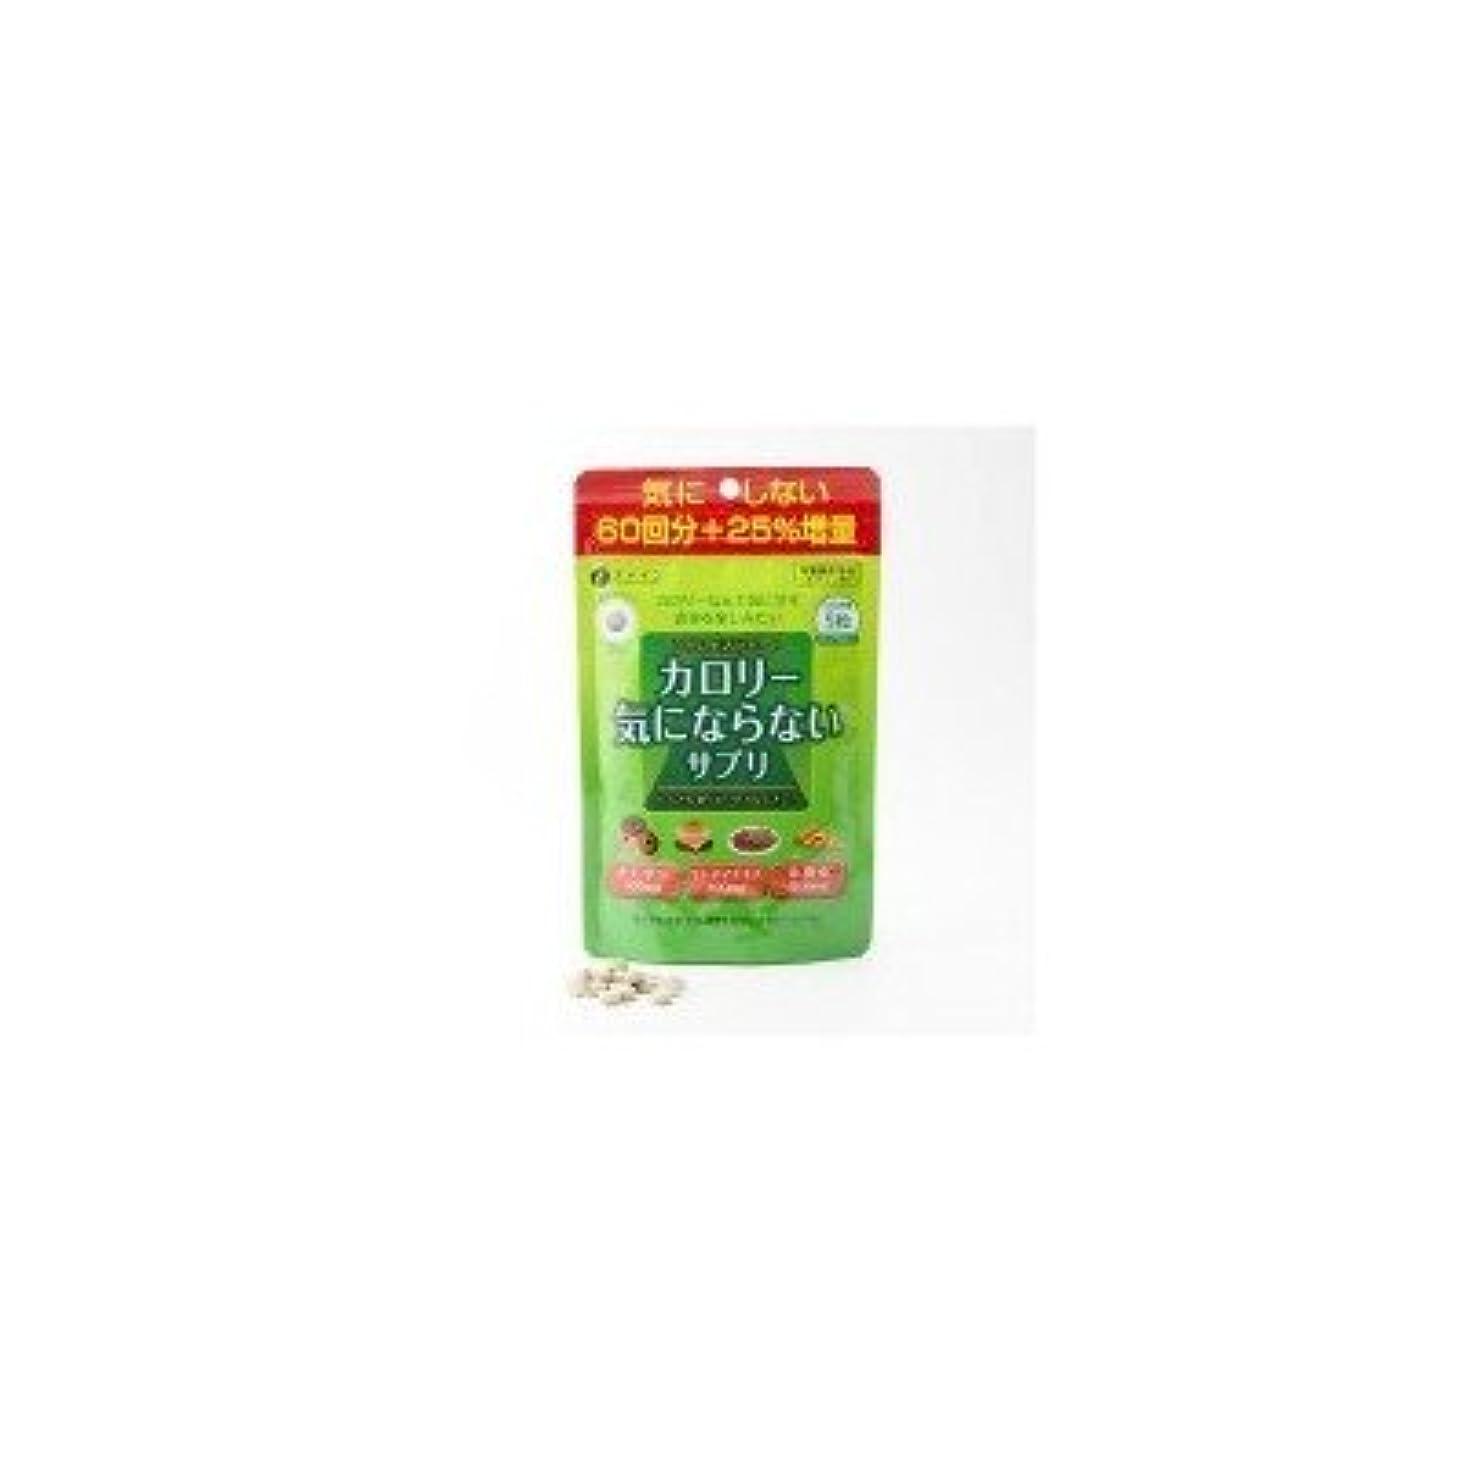 ファイン カロリー気にならない 大容量 栄養機能食品(ビタミンB1) 75g(200mg×375粒)